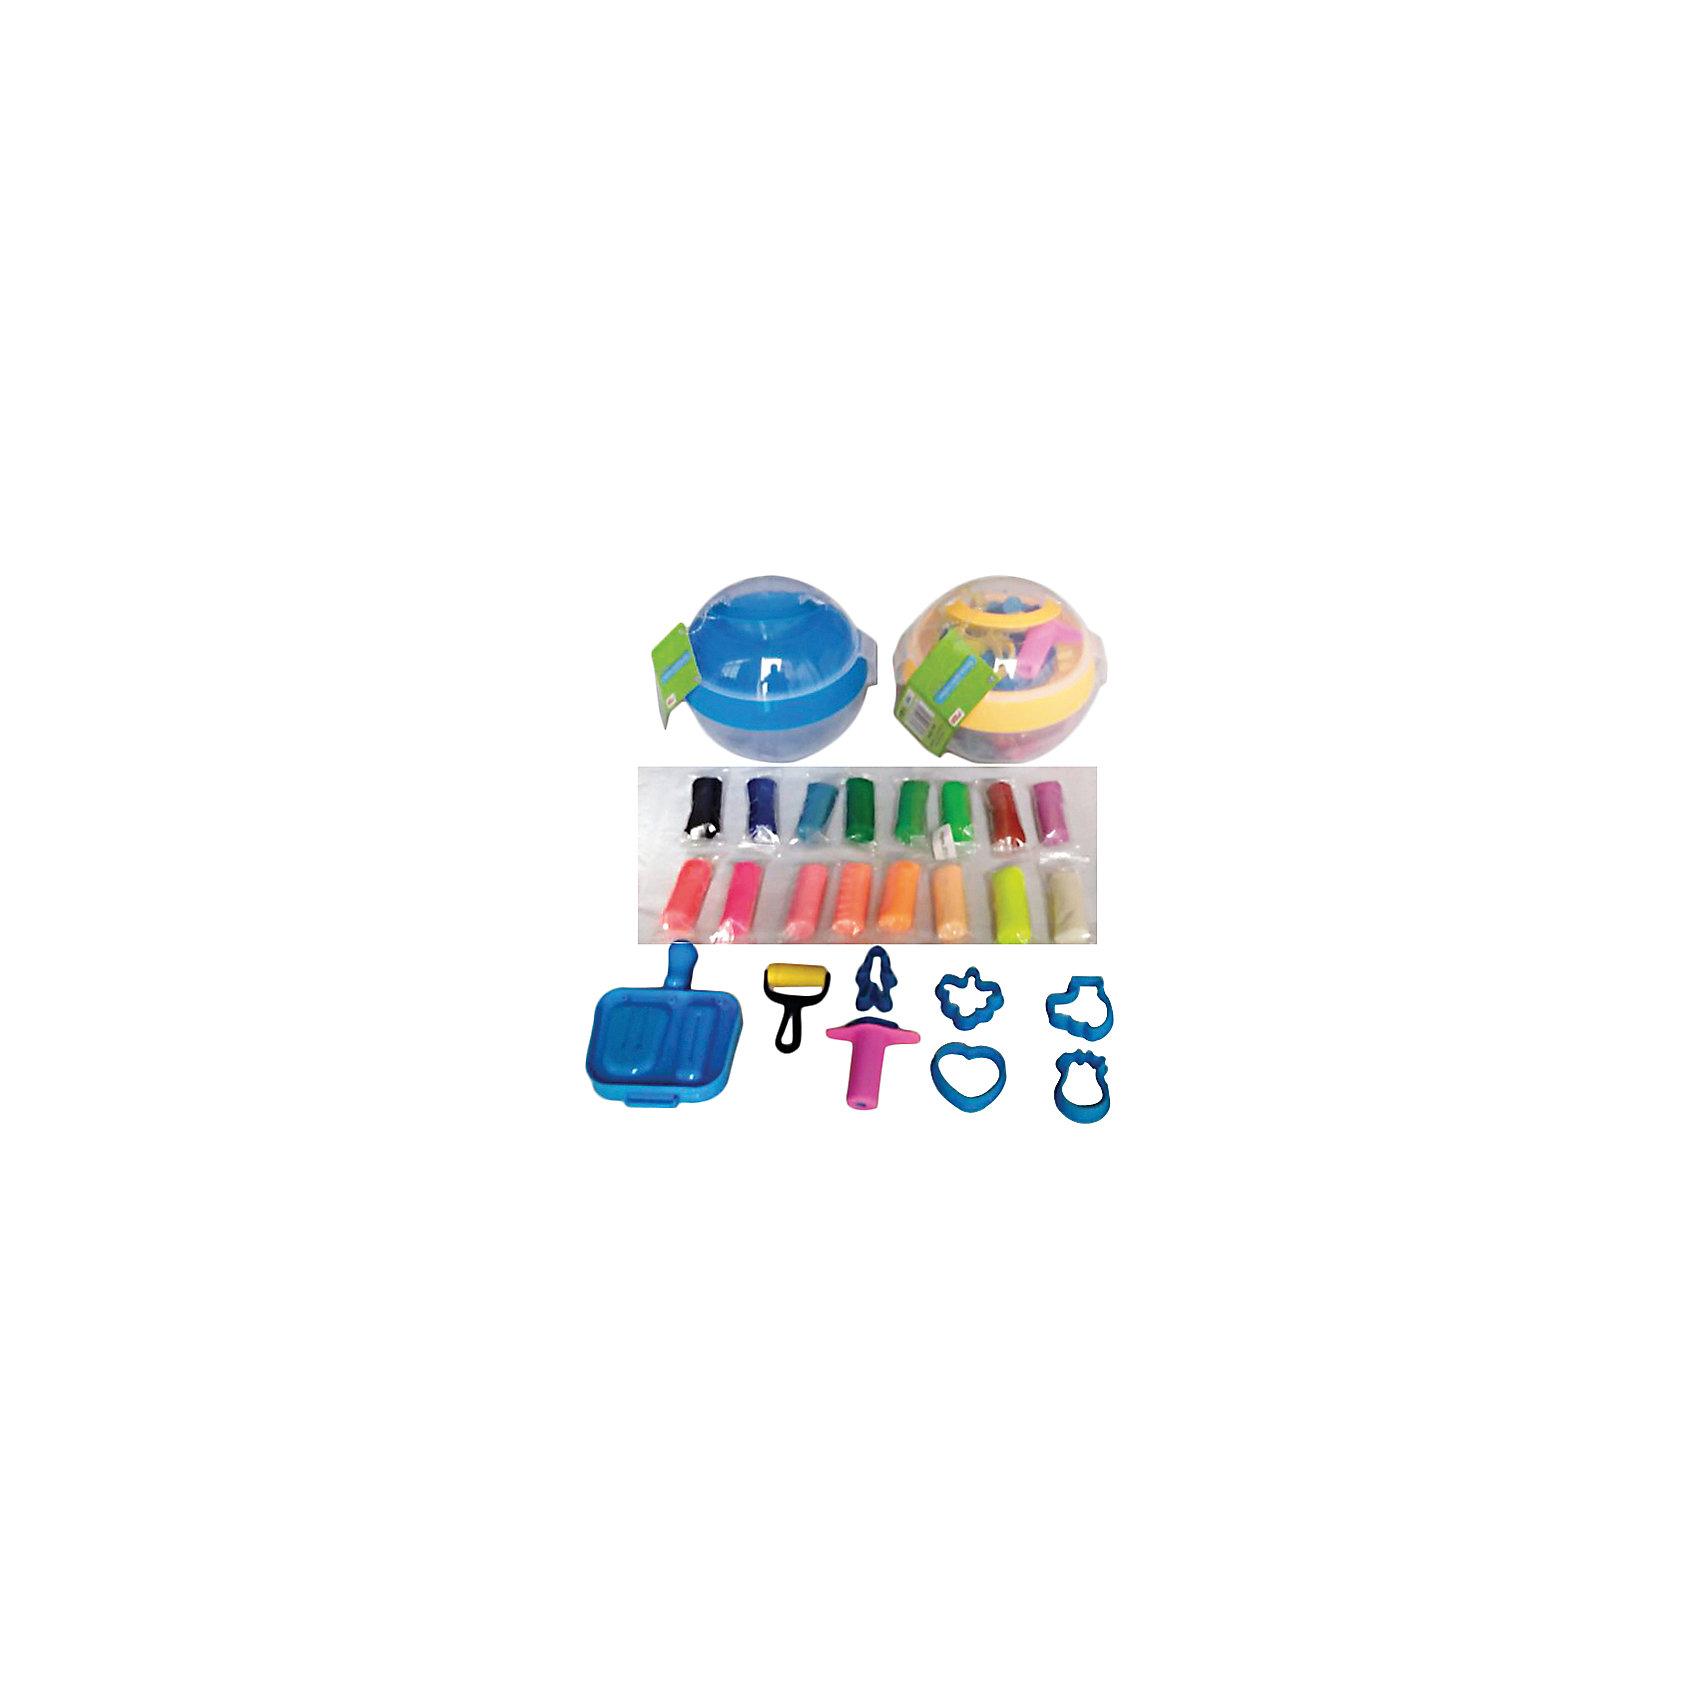 Тесто для лепки: 16 цветов, 272 г, формочкиЛепка<br>Замечательный подарок для юного скульпутора - набор для лепки из теста! В наборе - 16 ярких цветных брусочков теста, а также фигурные формочки. Тесто изготовлено из муки, соли, воды и пищевых красителей - абсолютно безвредно для детей. Тесто высыхвает на воздухе, не липнет к руках и мягкое на ощупь. Занятие лепкой развивают моторику рук, воображение и мышление ребенка.<br><br>Ширина мм: 170<br>Глубина мм: 170<br>Высота мм: 170<br>Вес г: 485<br>Возраст от месяцев: 36<br>Возраст до месяцев: 108<br>Пол: Унисекс<br>Возраст: Детский<br>SKU: 5078396